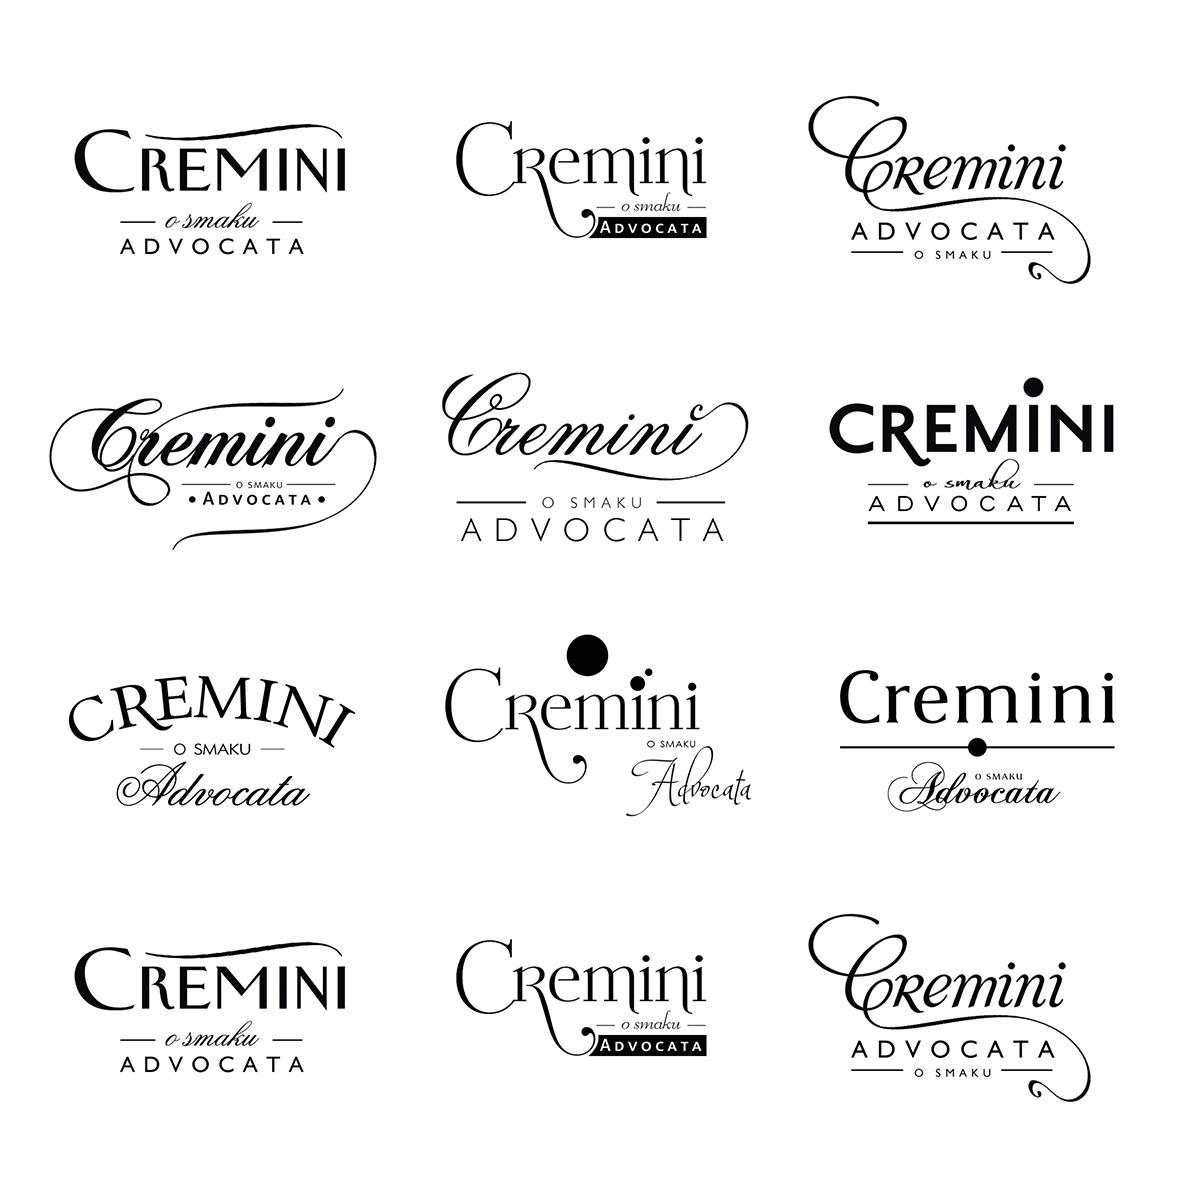 cremini_6